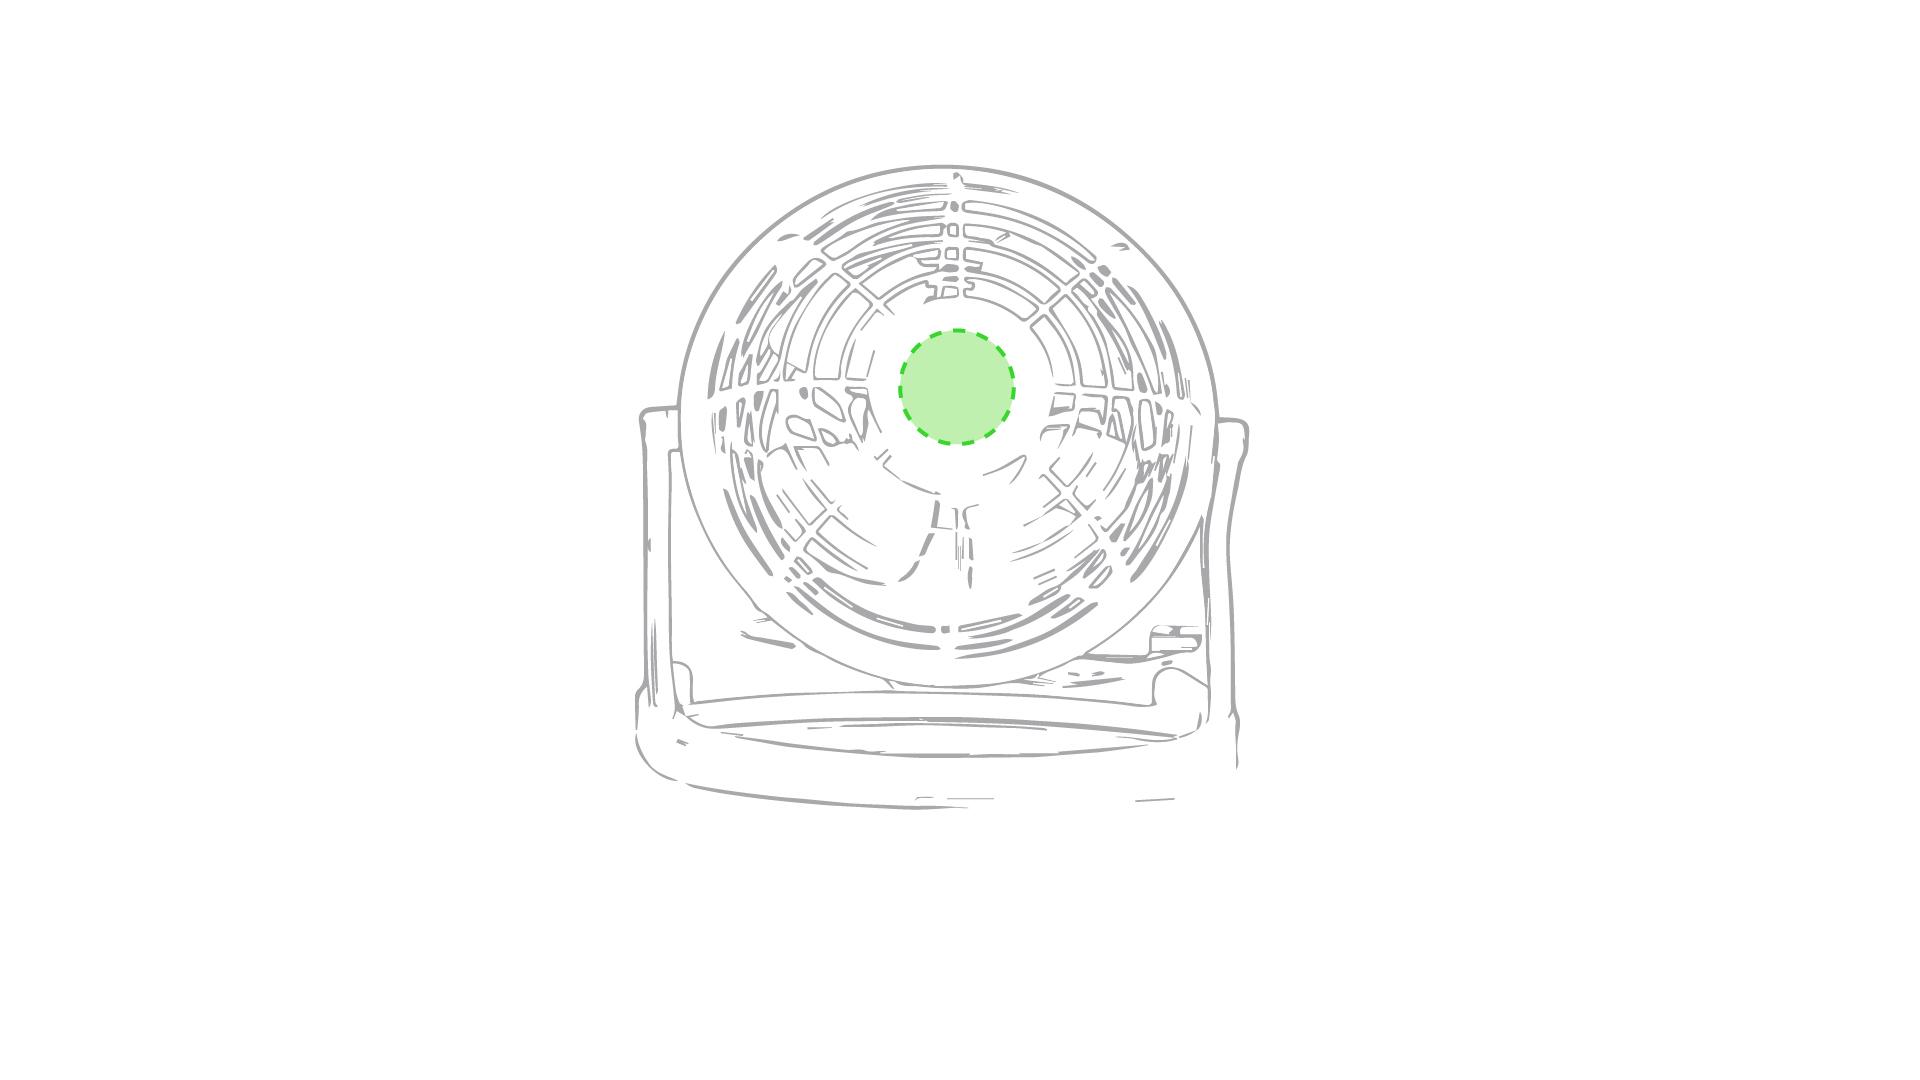 En el circulo del centro